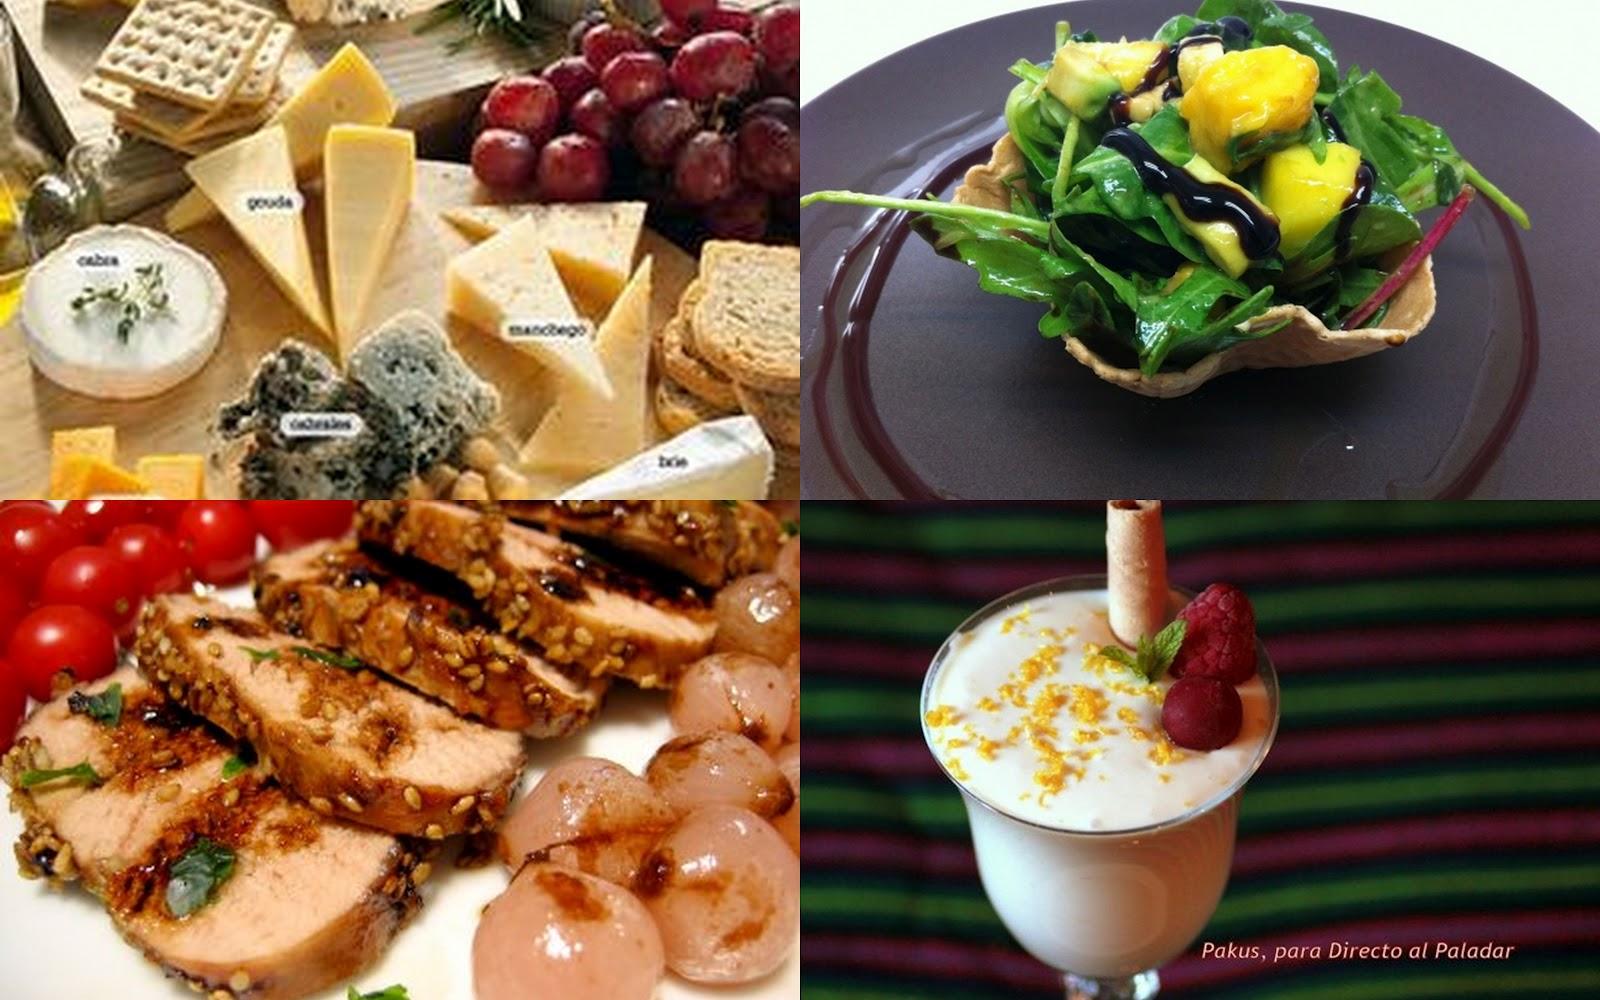 Fiestas Con Encanto Una Cena Gourmet Muy F Cil Recetas ~ Recetas Para Una Cena Con Amigos